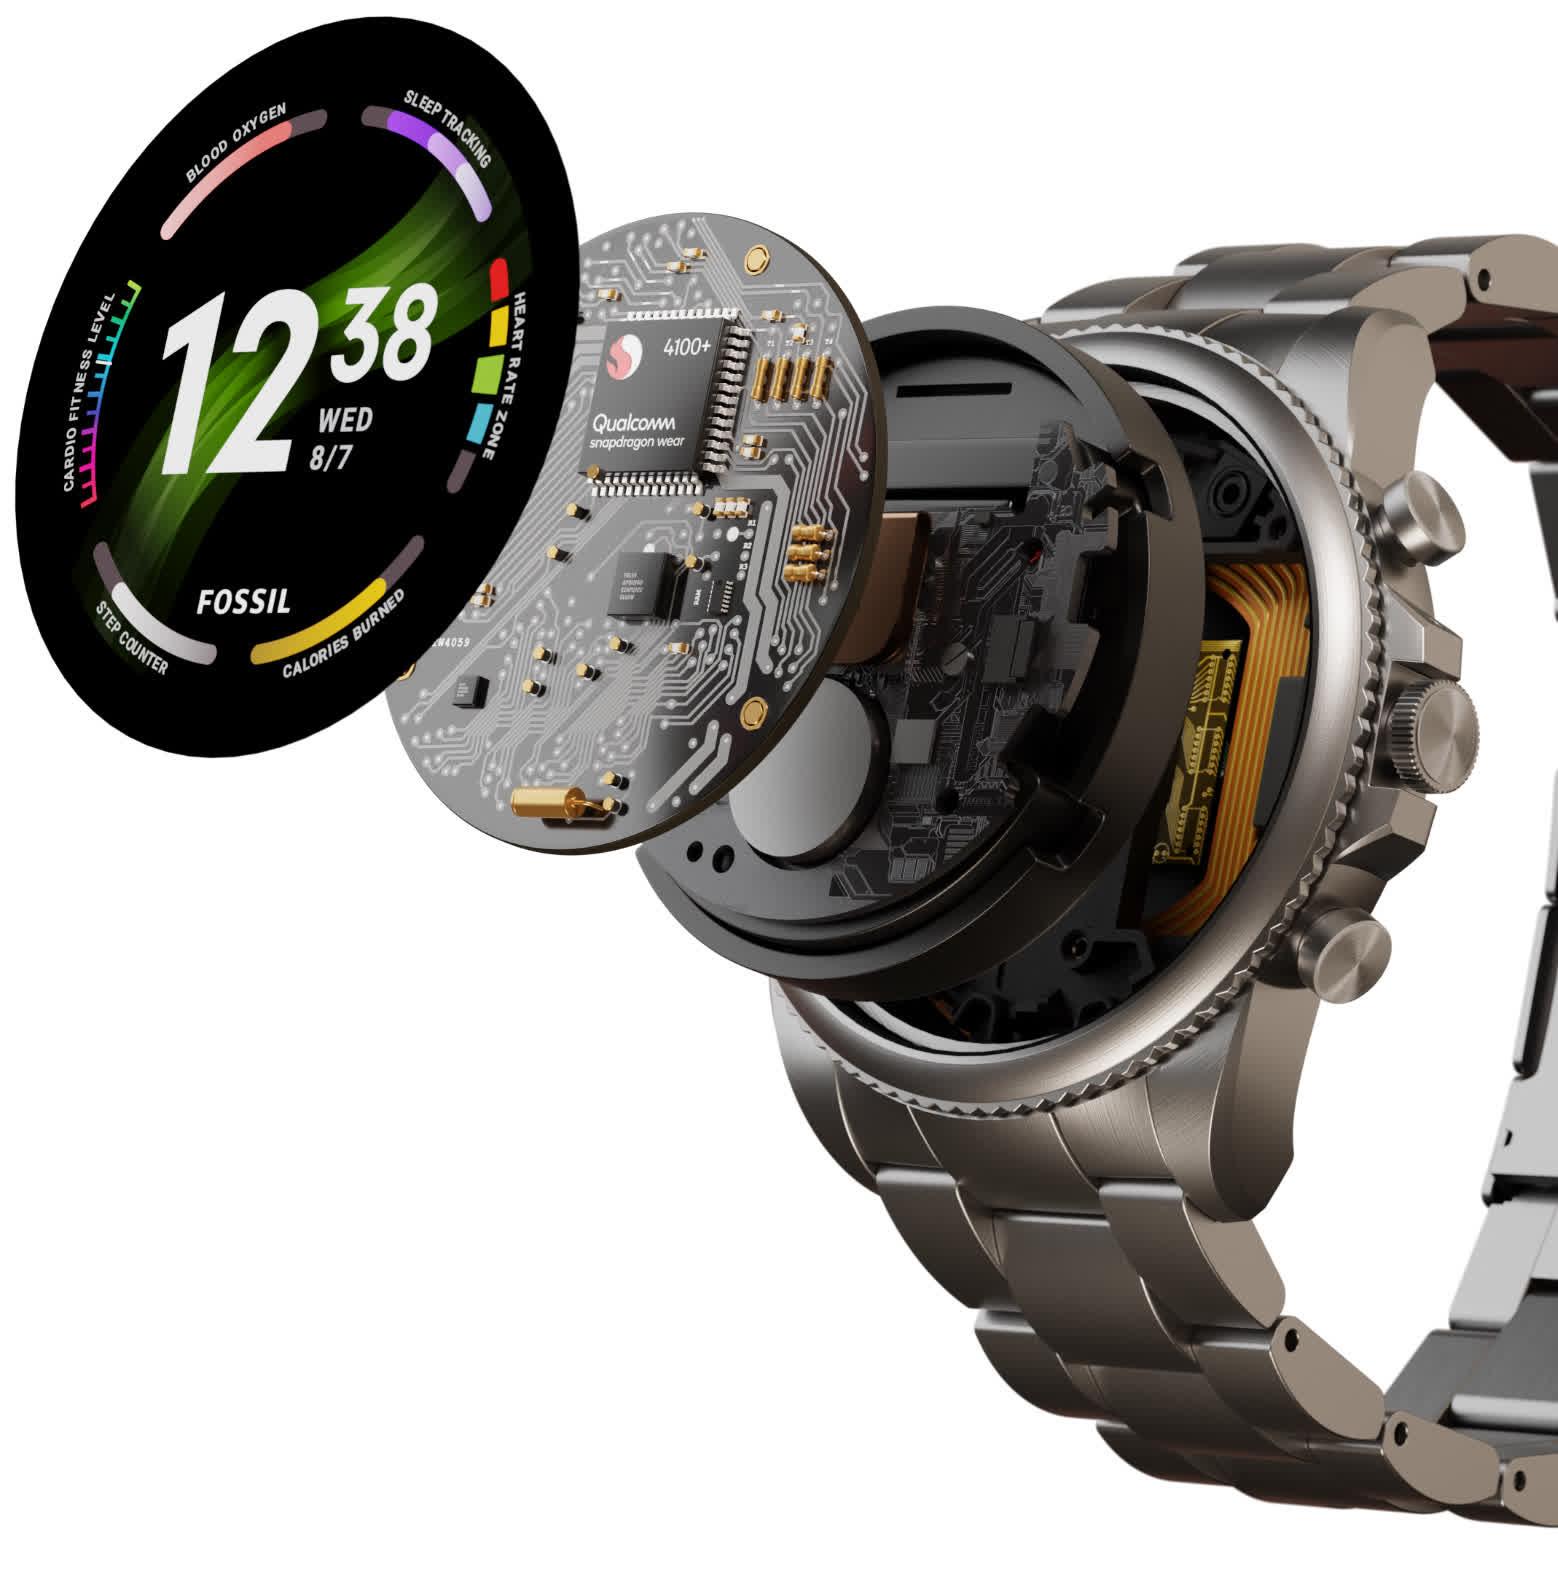 Les montres intelligentes Fossil Gen 6 arrivent mais elles ne